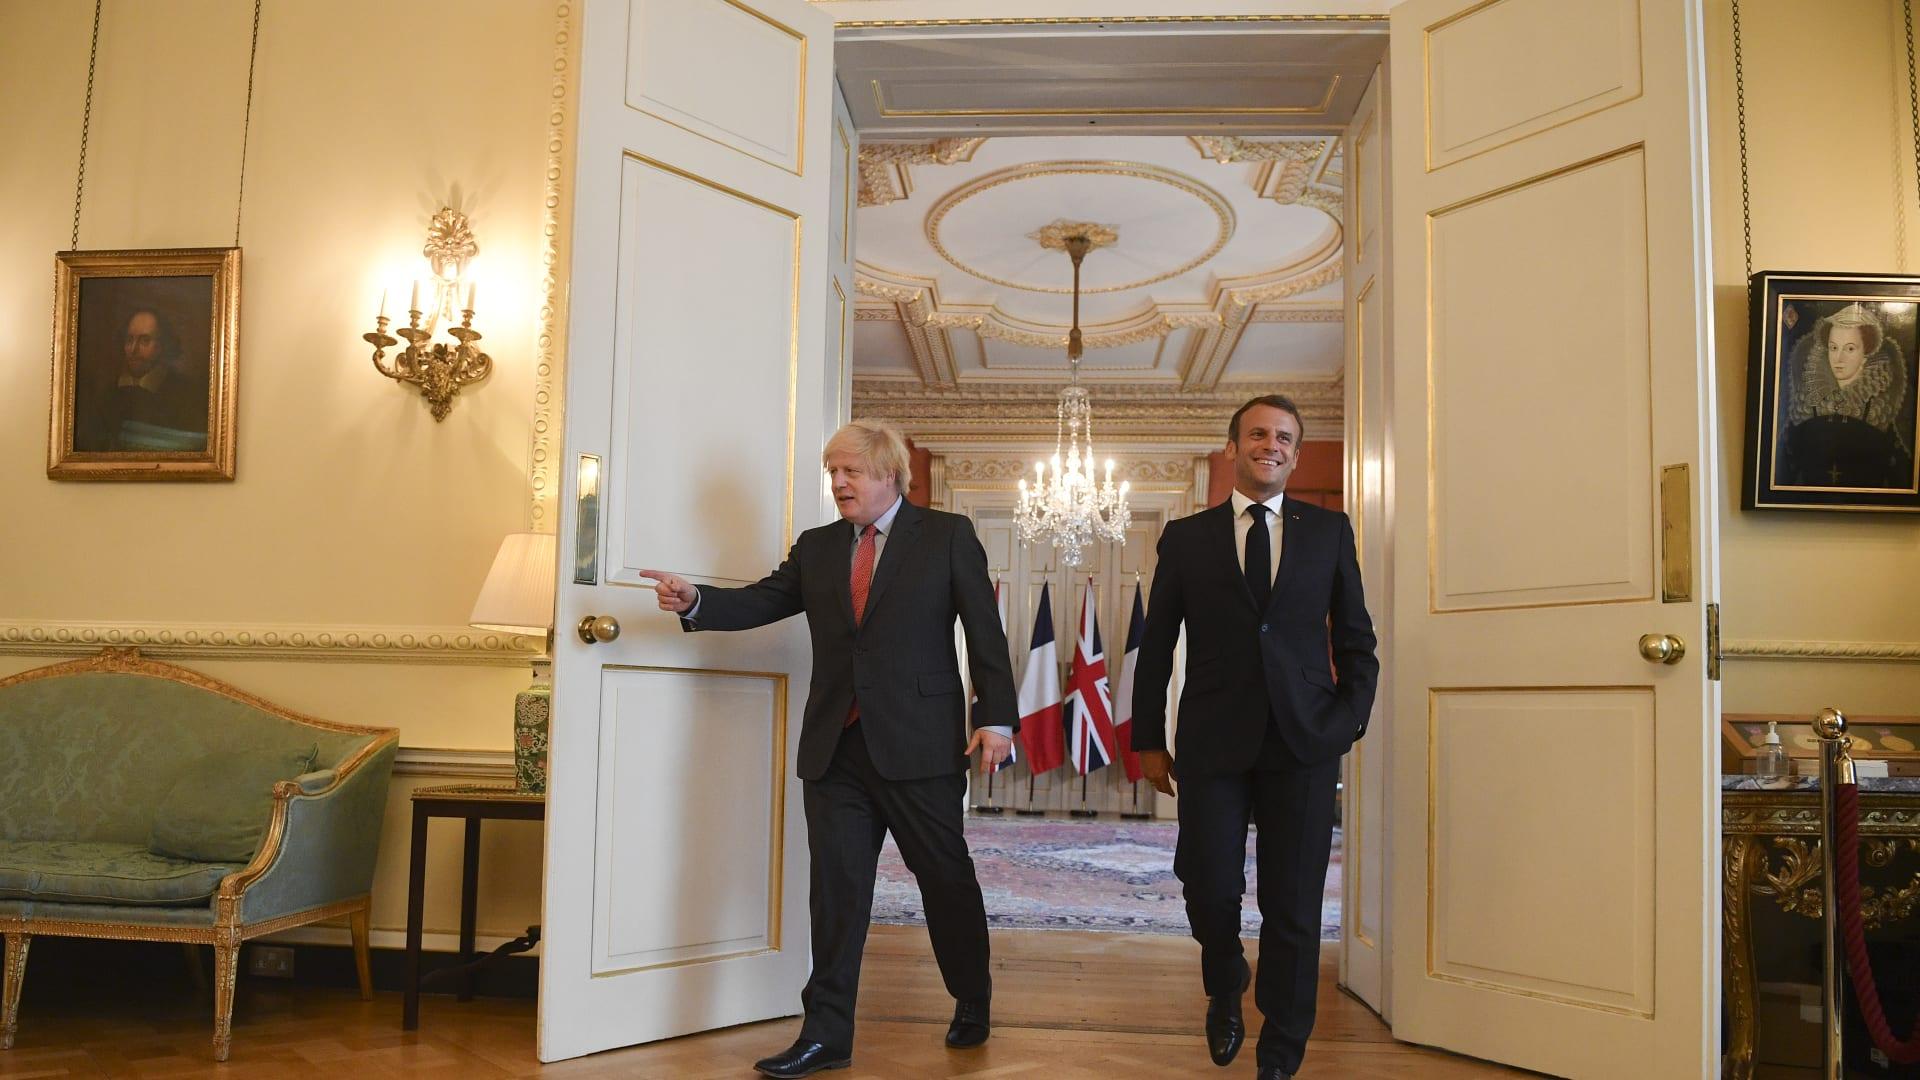 """بايدن يدعو إلى """"الوحدة"""" وسط أزمة الغواصات بين بلاده وفرنسا.. كيف تفاعل ماكرون؟"""